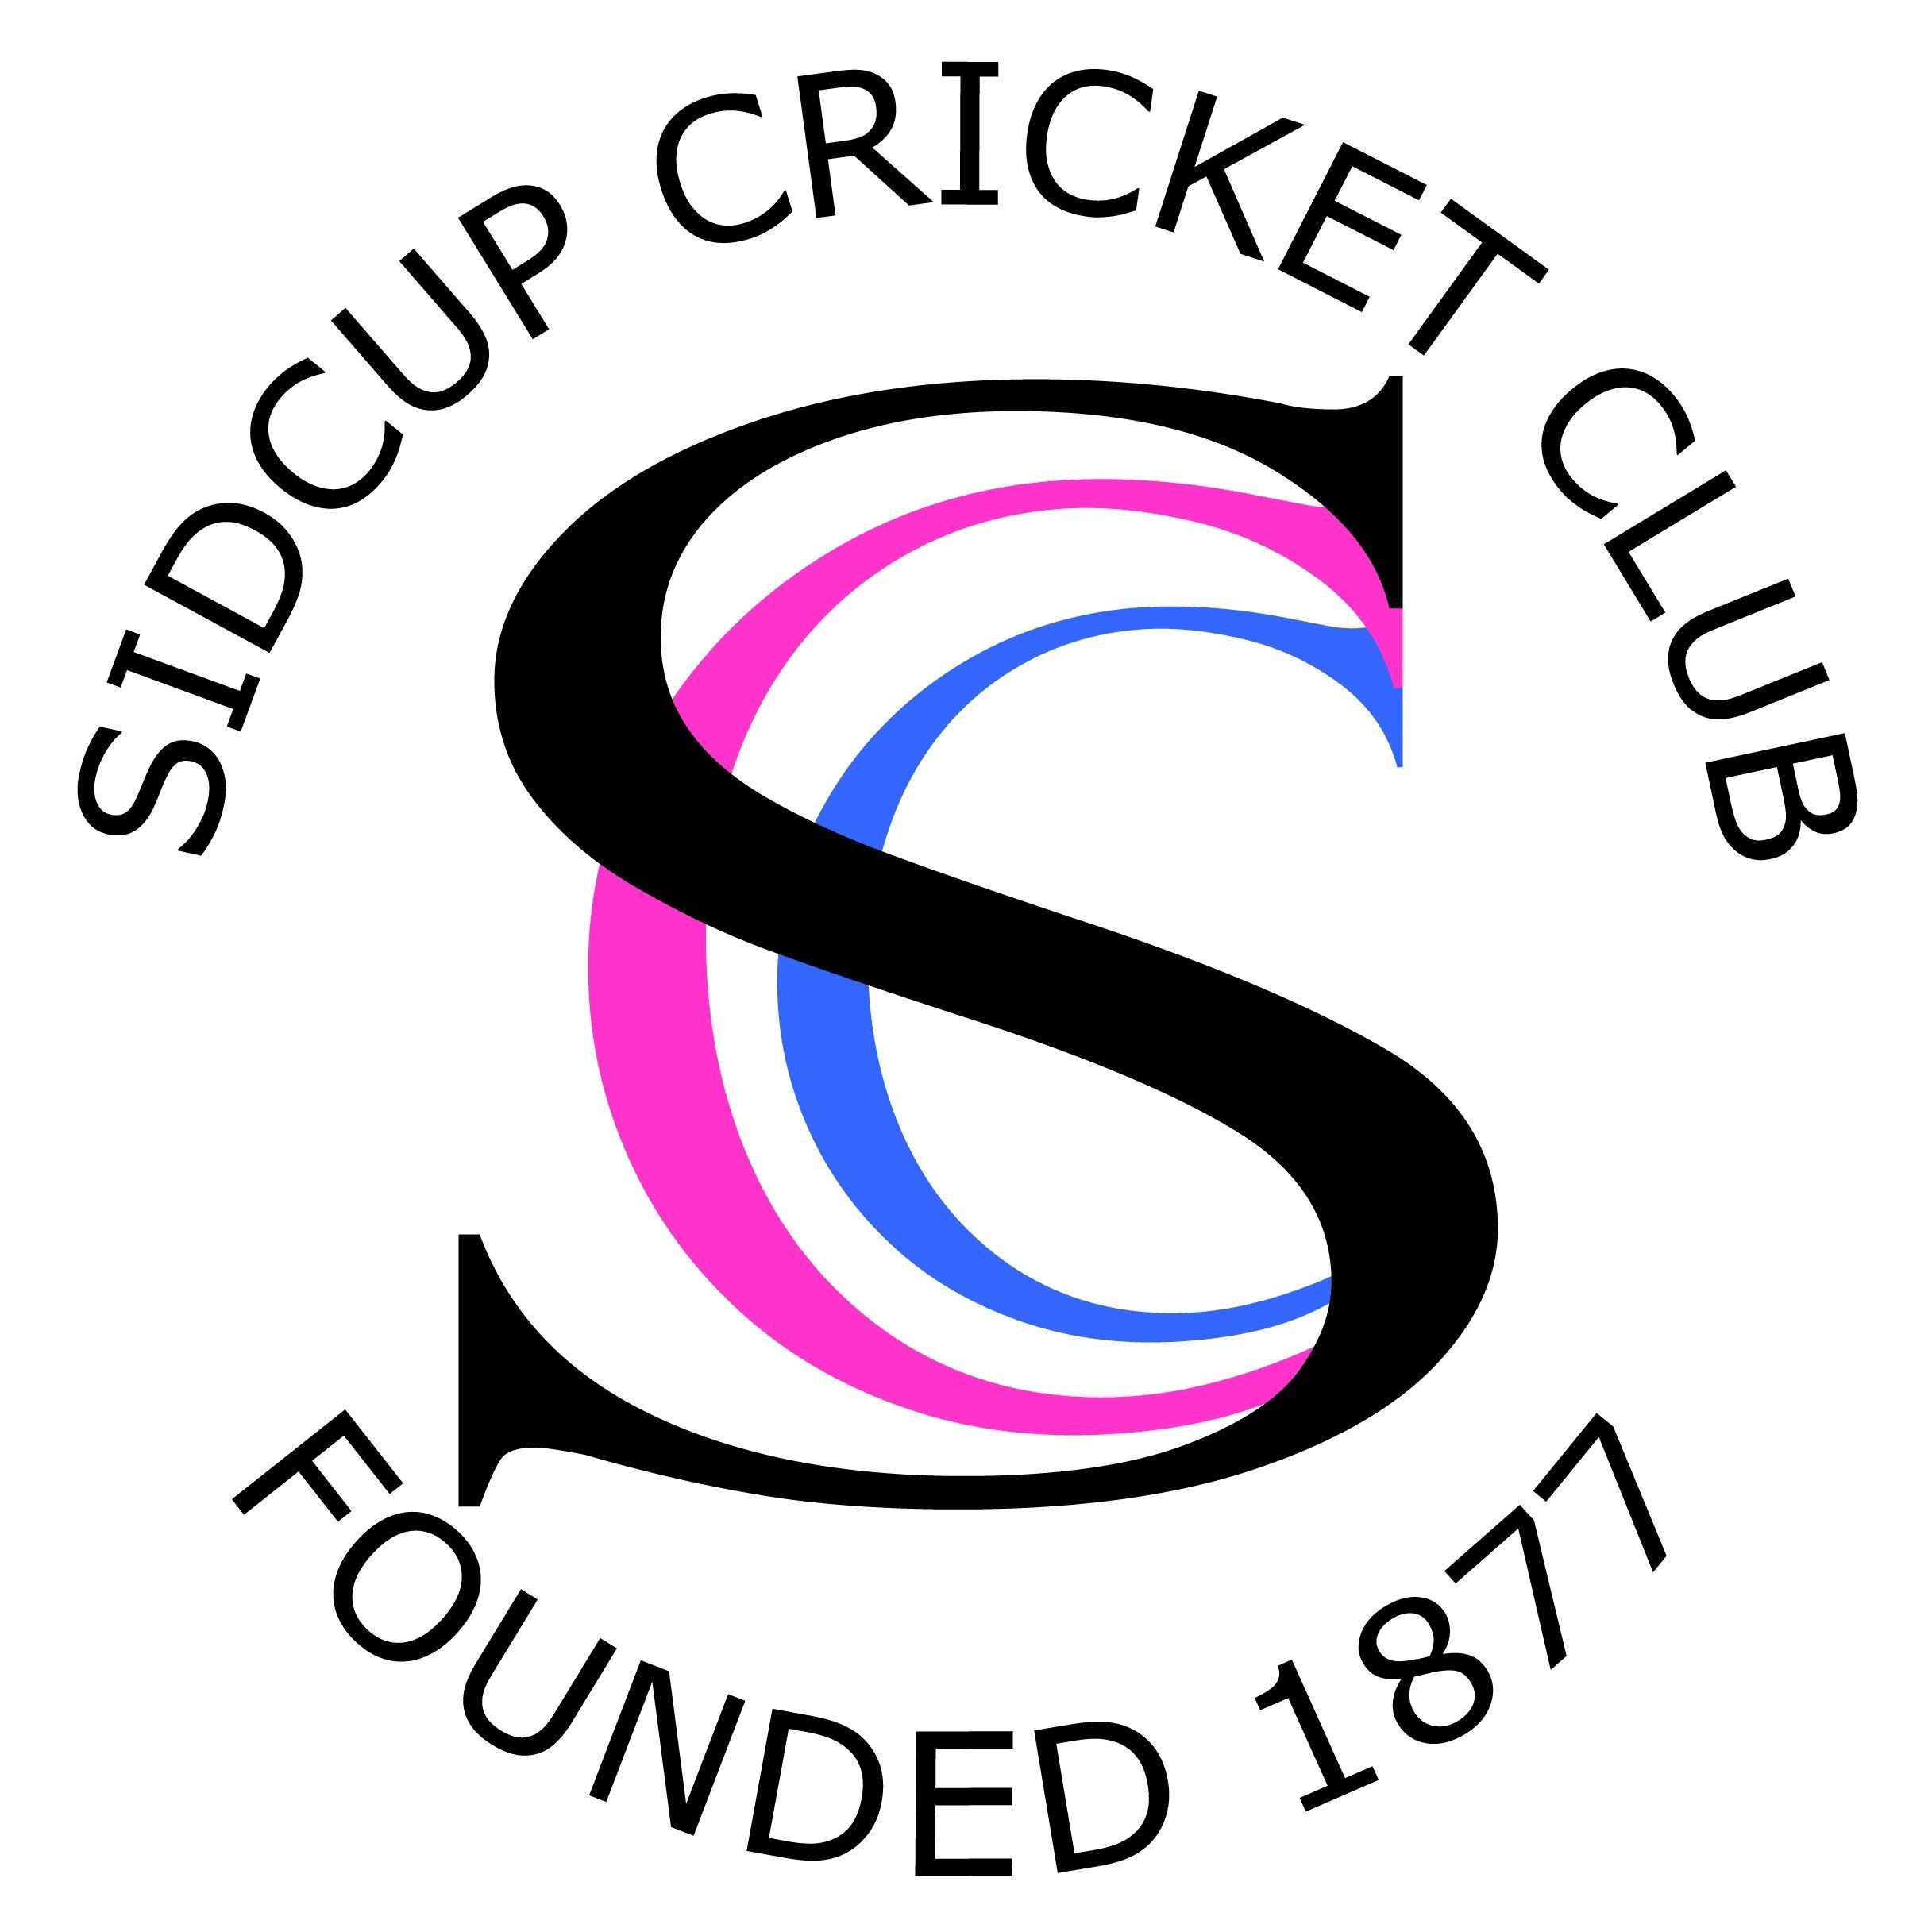 Sidcup CC Seniors